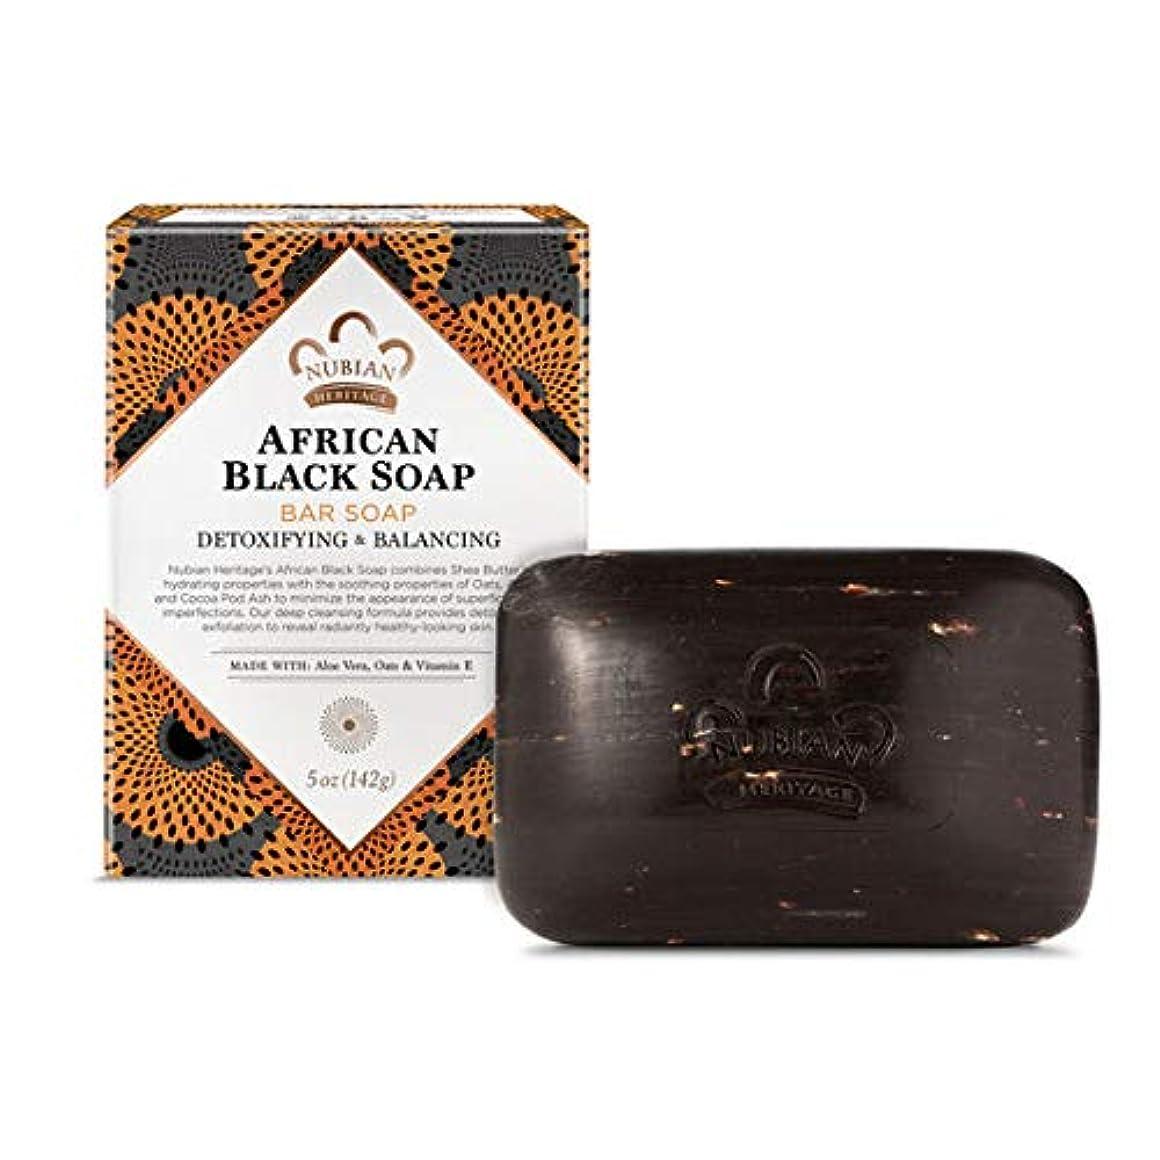 束始めるマーティフィールディングヌビアン ヘリテージ アフリカン ブラック ソープ 141g 並行輸入品 [並行輸入品]